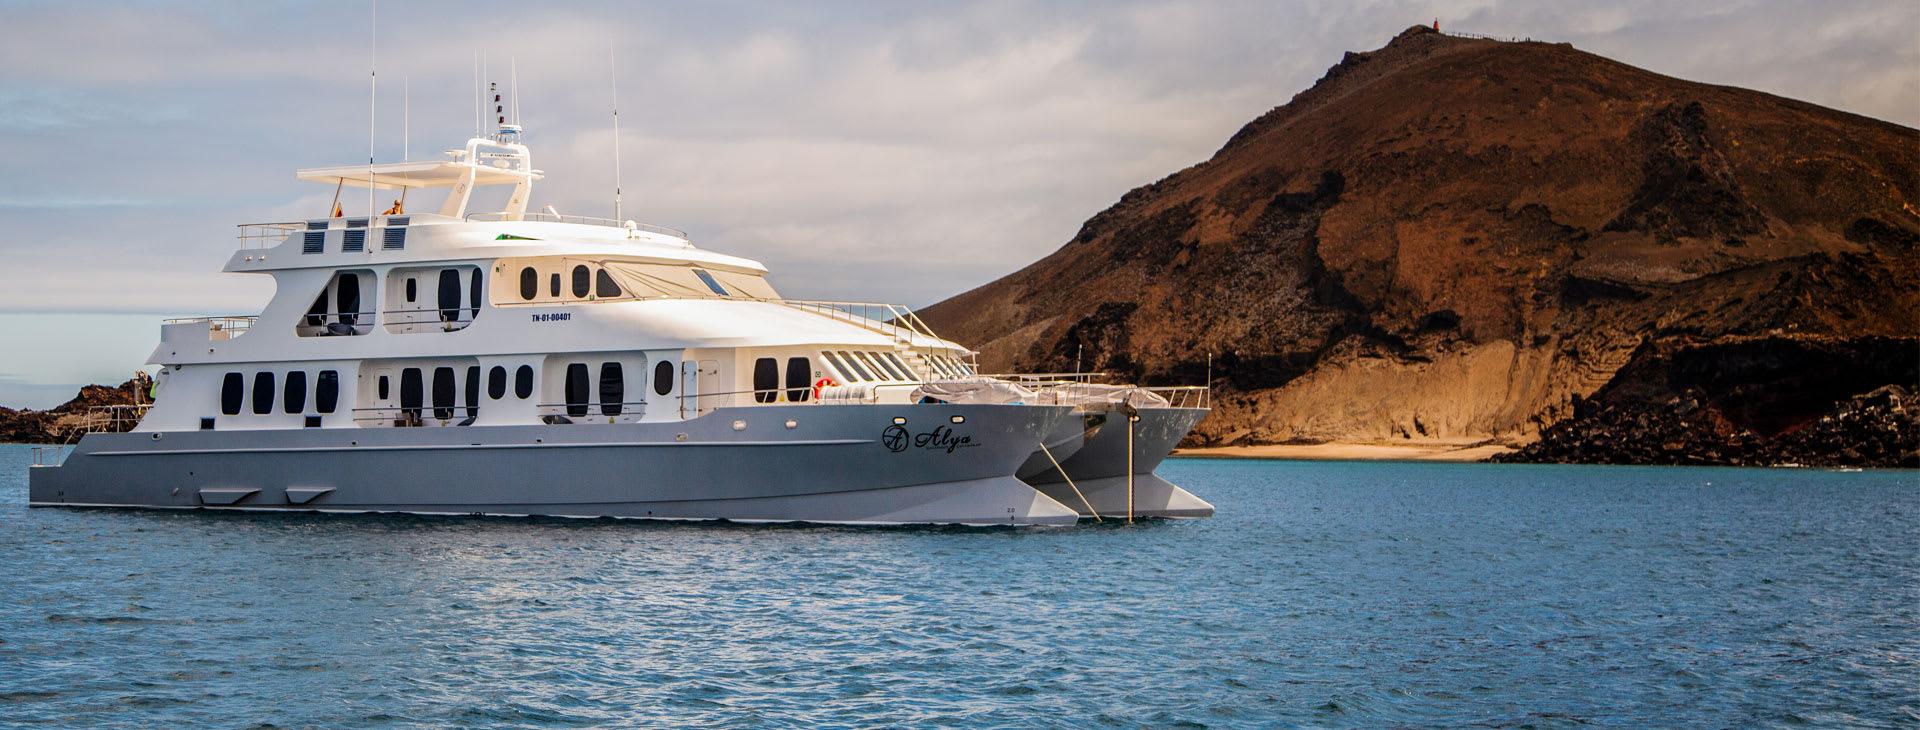 Alya ship at Galapagos